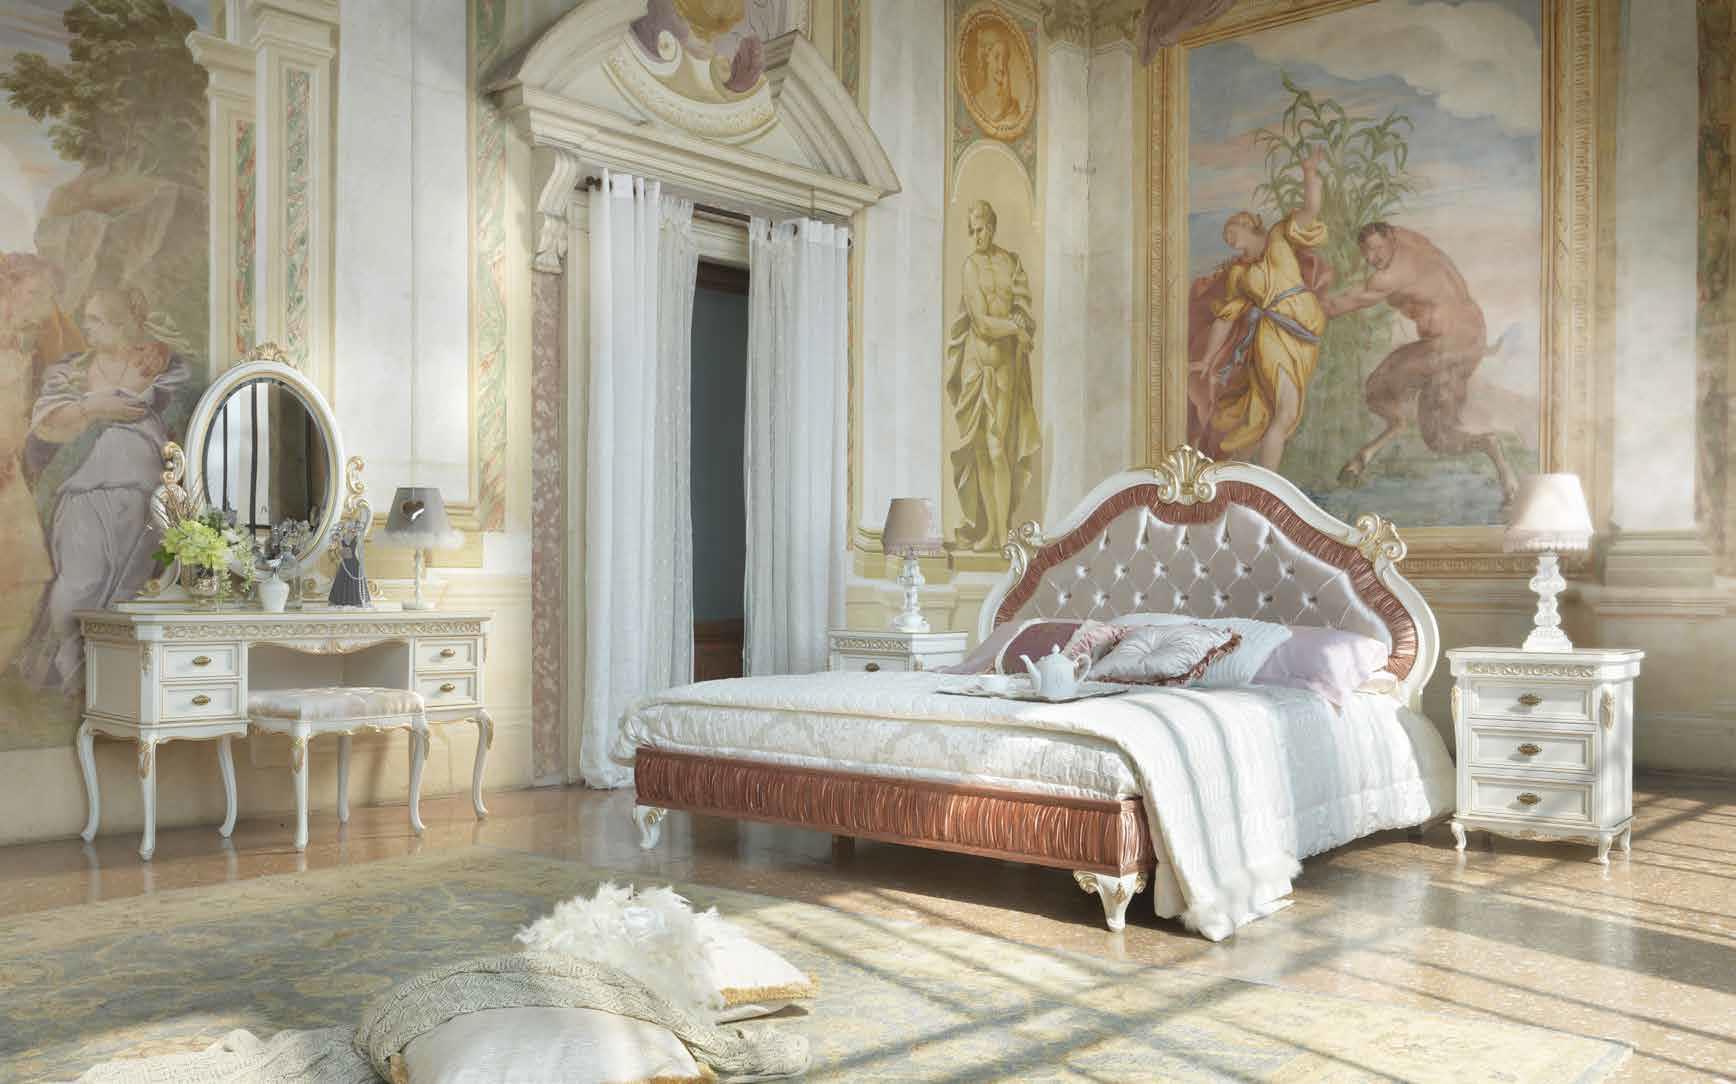 Arredamenti stile barocco verona dalmar for Verona arredamenti